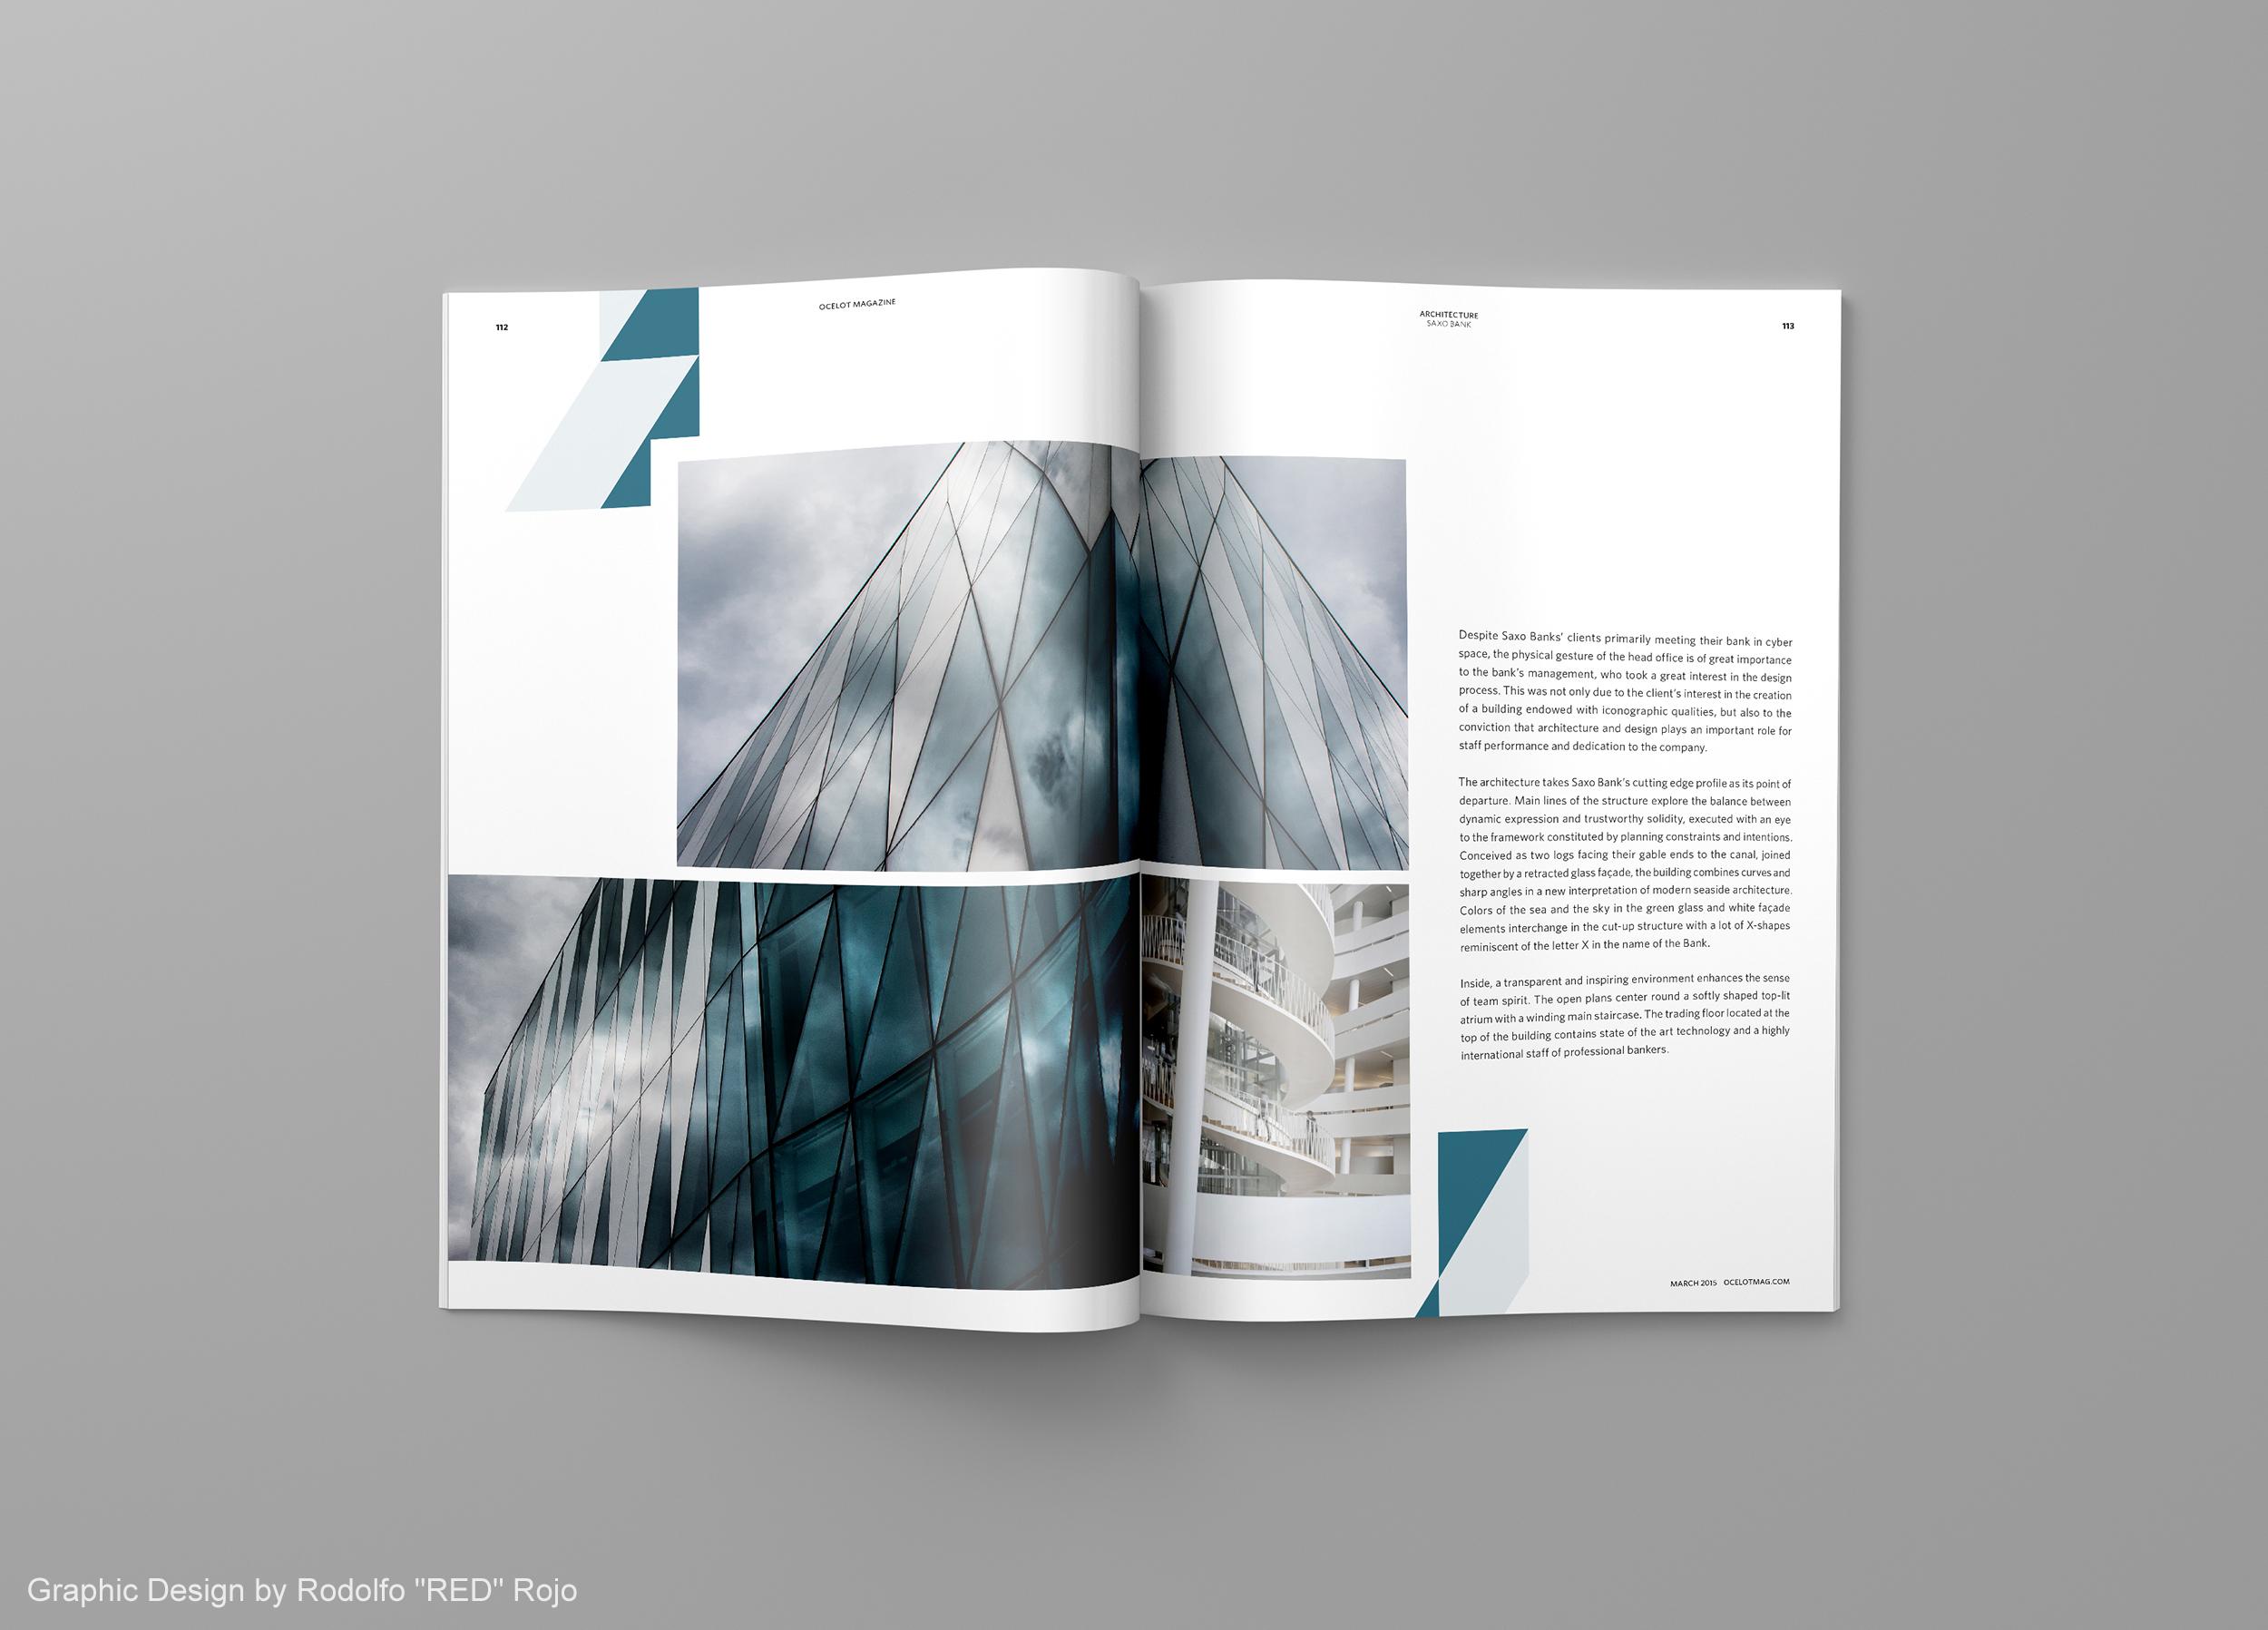 Upload - 3XN in Graphic Design3.jpg